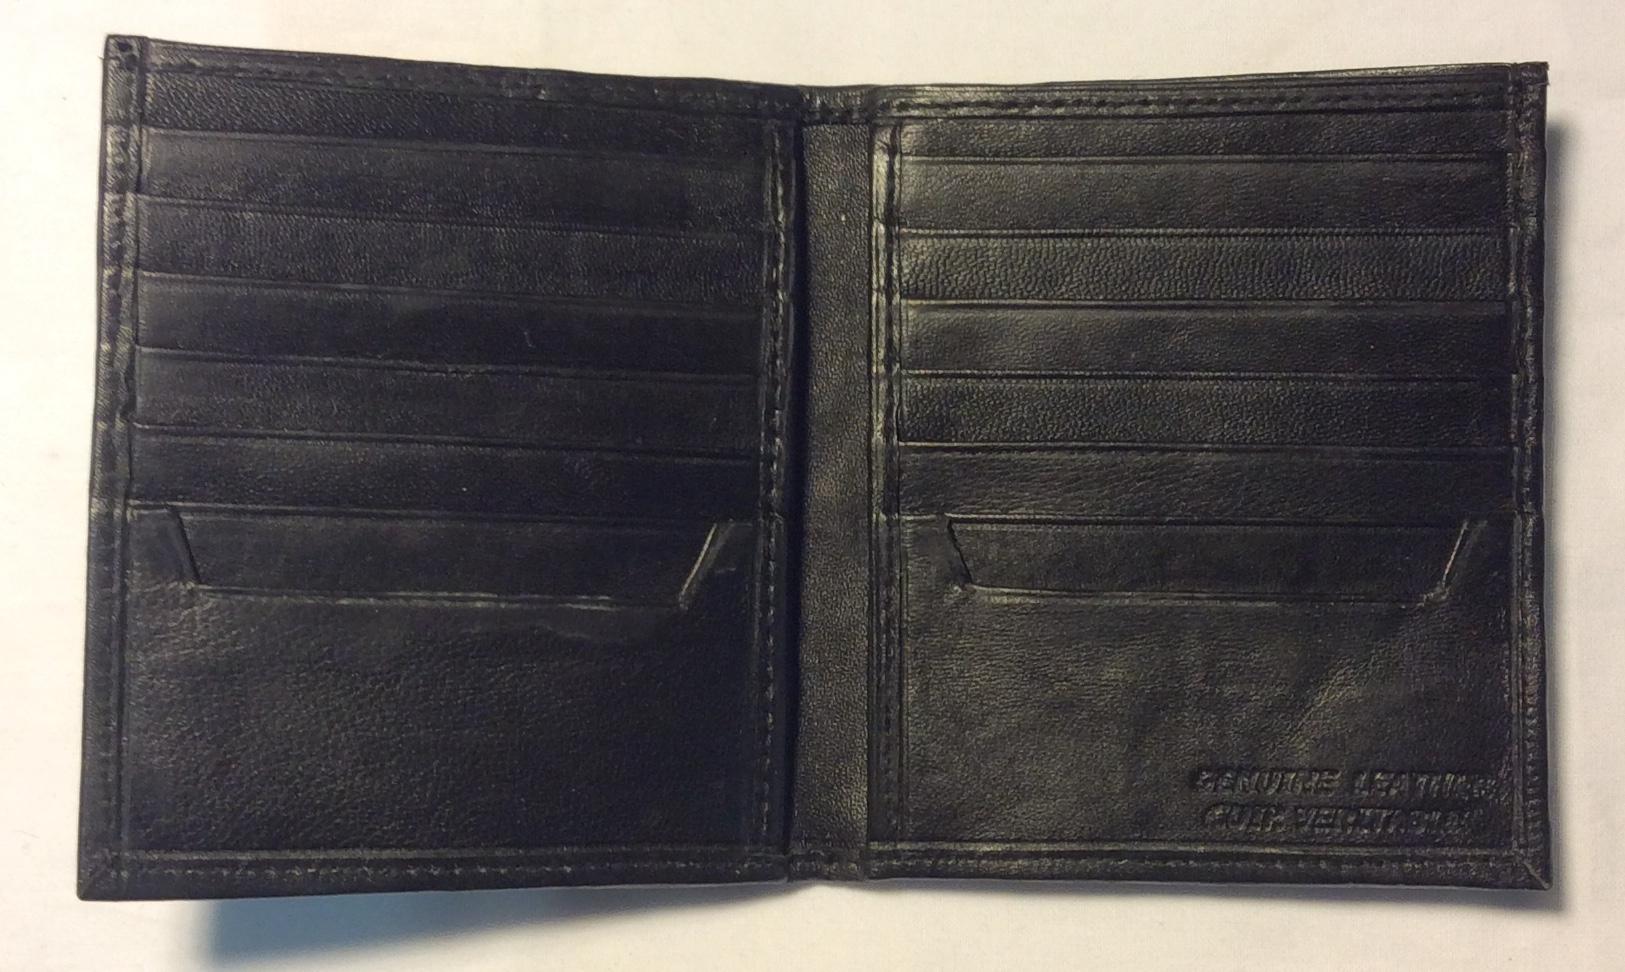 Black leather vertical wallet